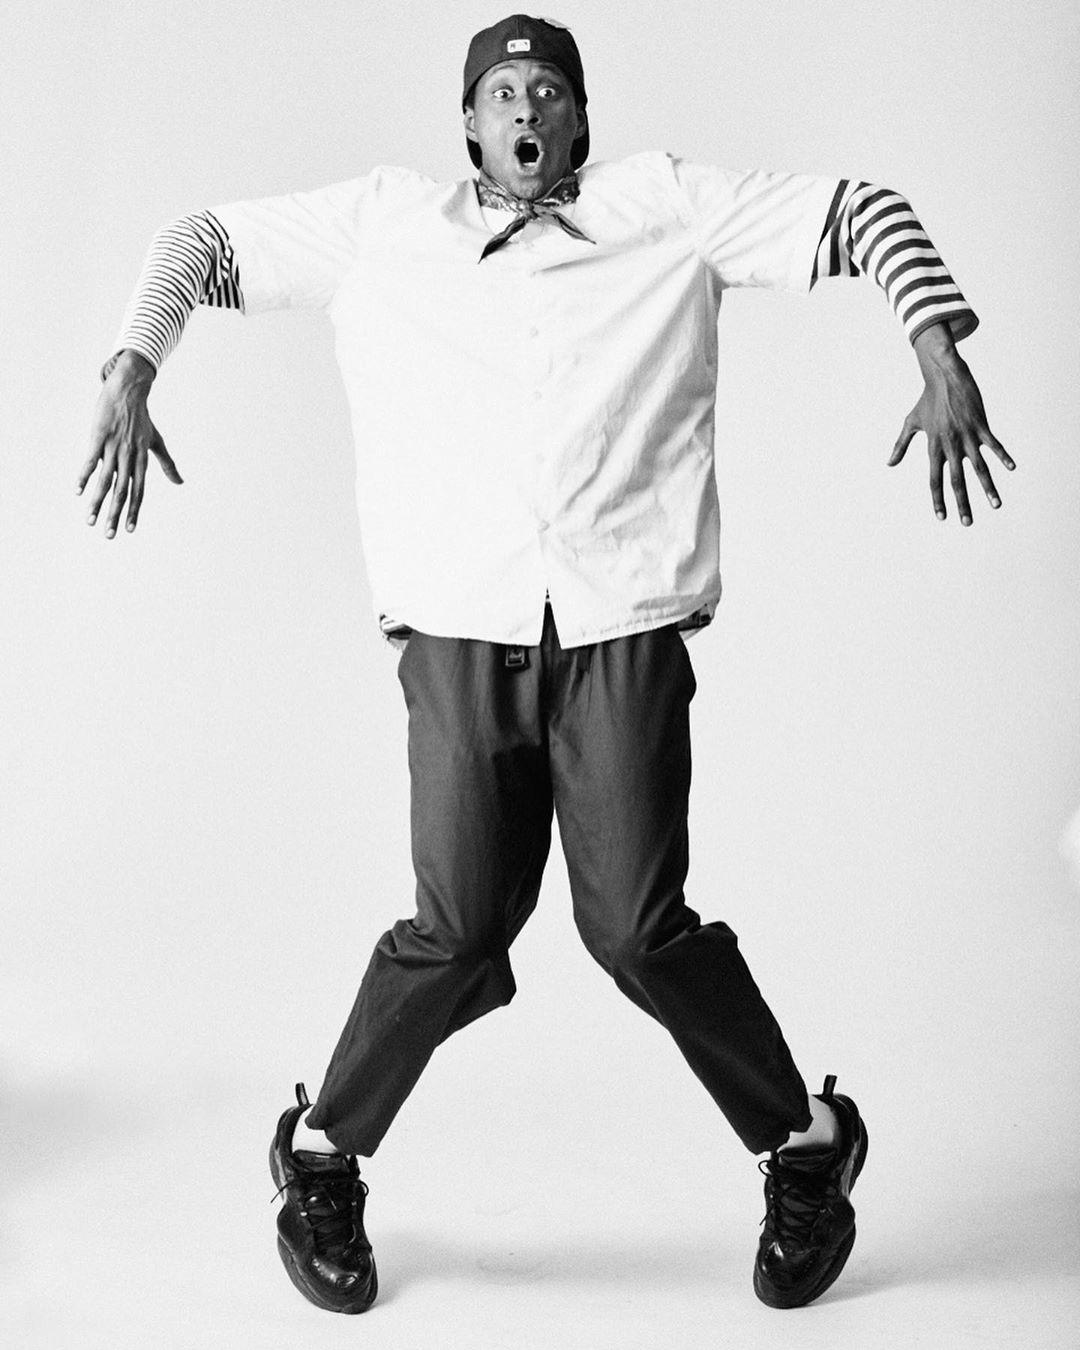 Conoce a Taylor Kastle, el bailarín electro dance que sacude las calles de París